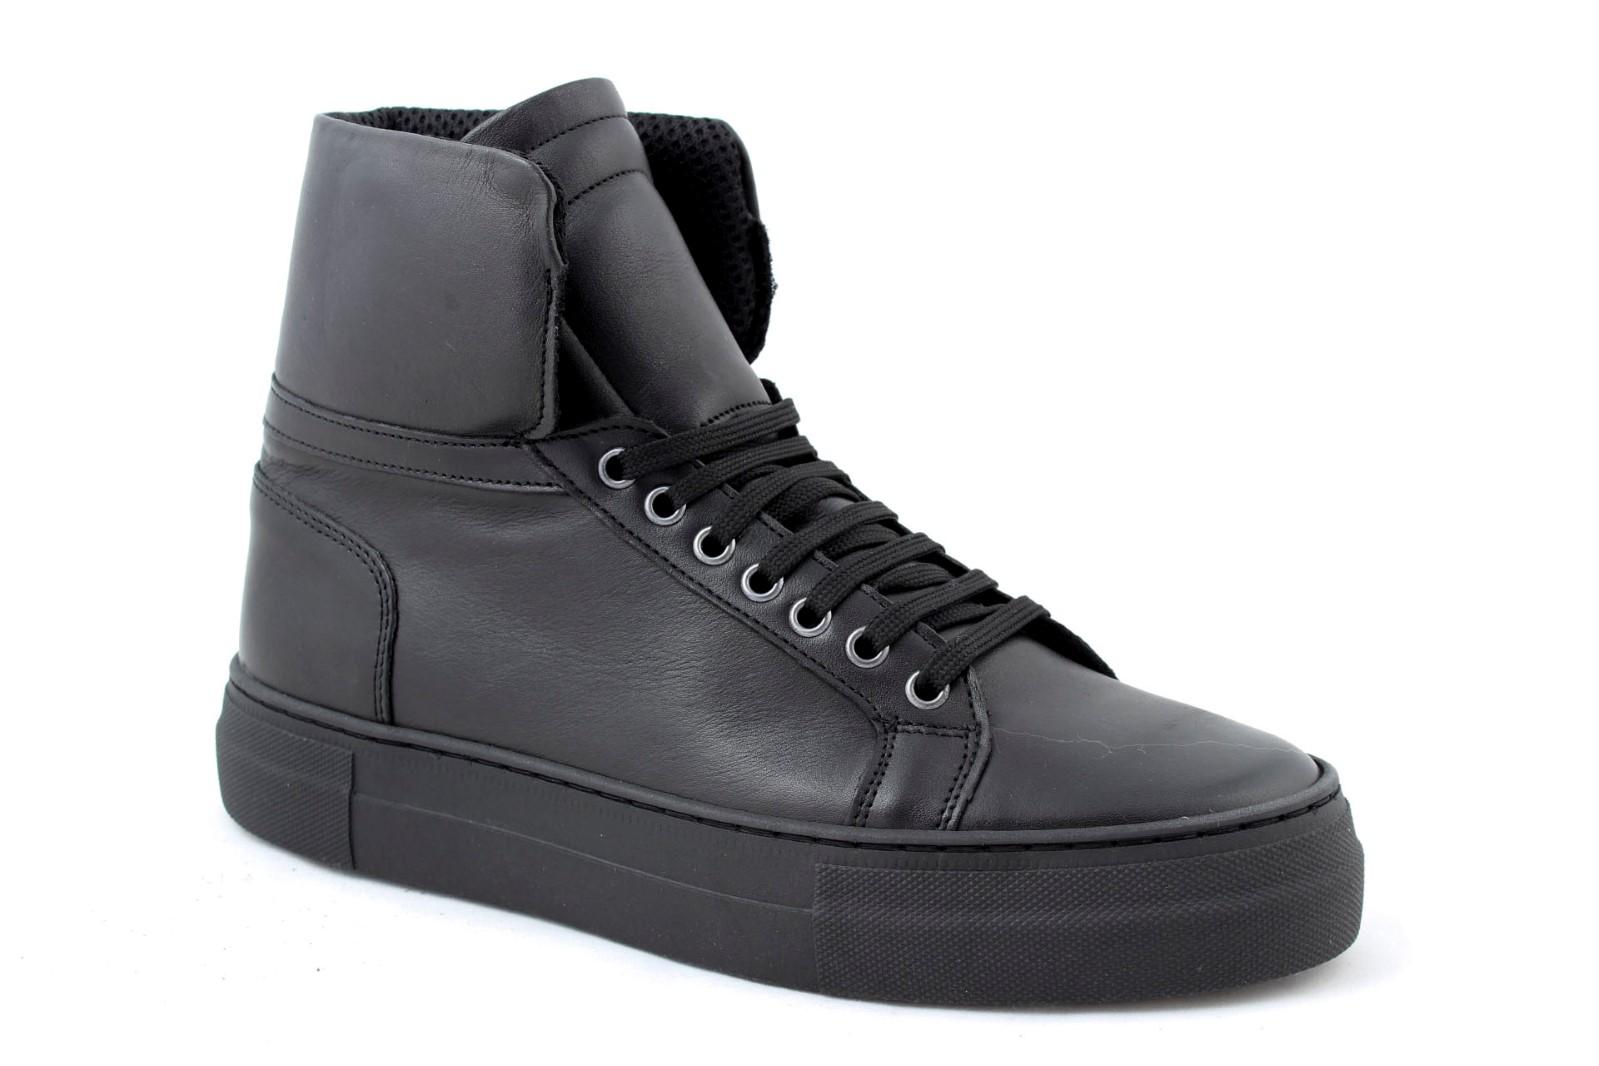 Zapatillas-hombre-alta-de-la-piel-en-negro-blancas-fondo-alto-zapatos